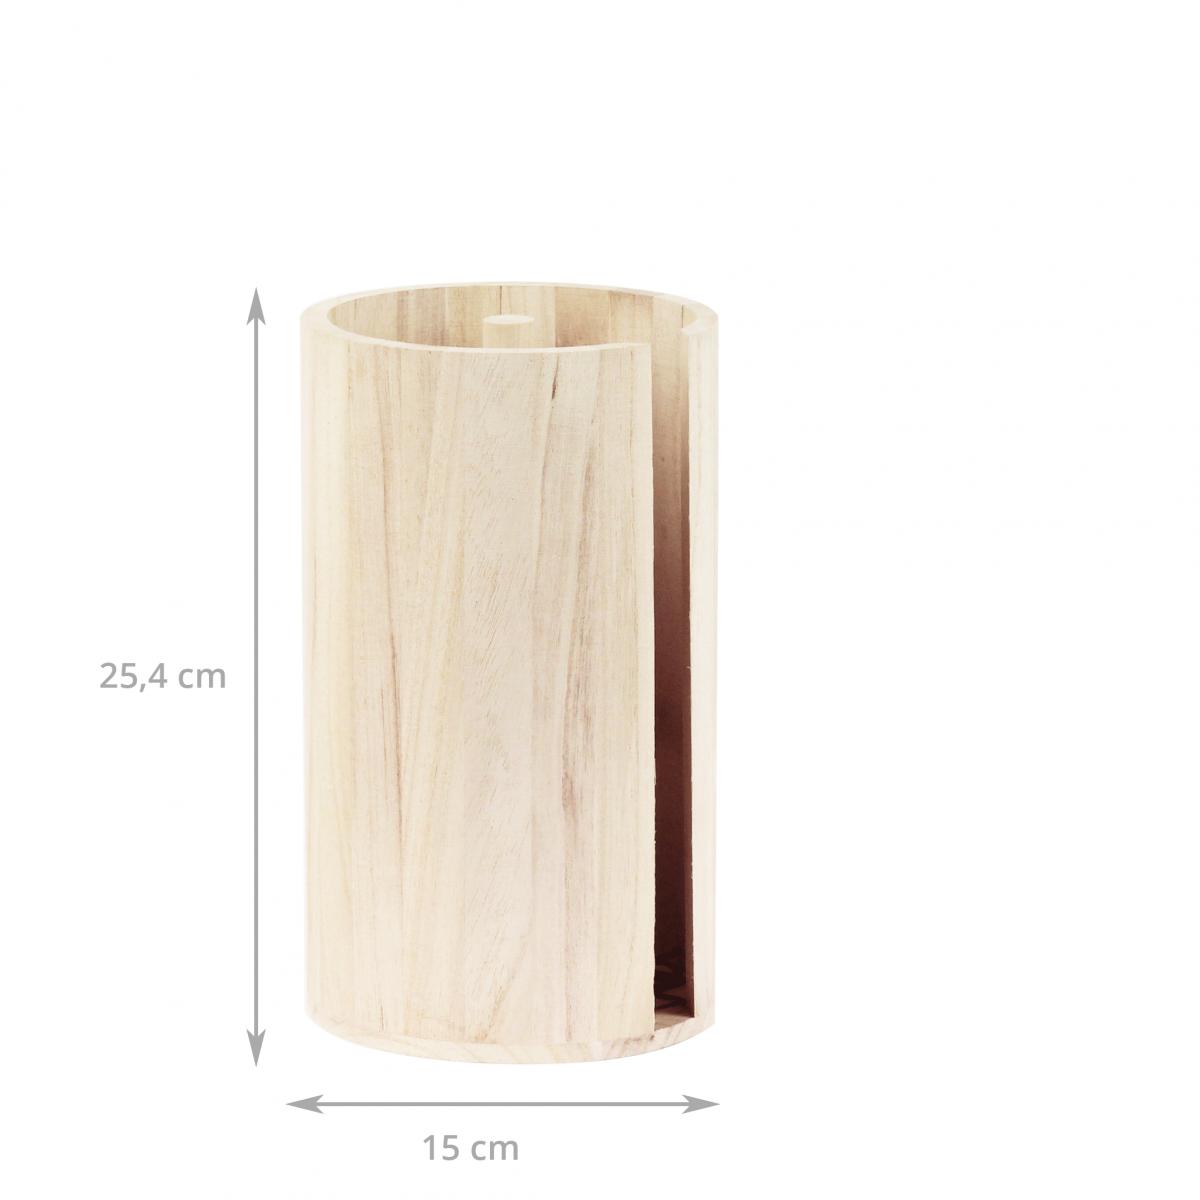 Porte rouleau essuie tout en bois brut rangement cuisine for Porte de cuisine en bois brut